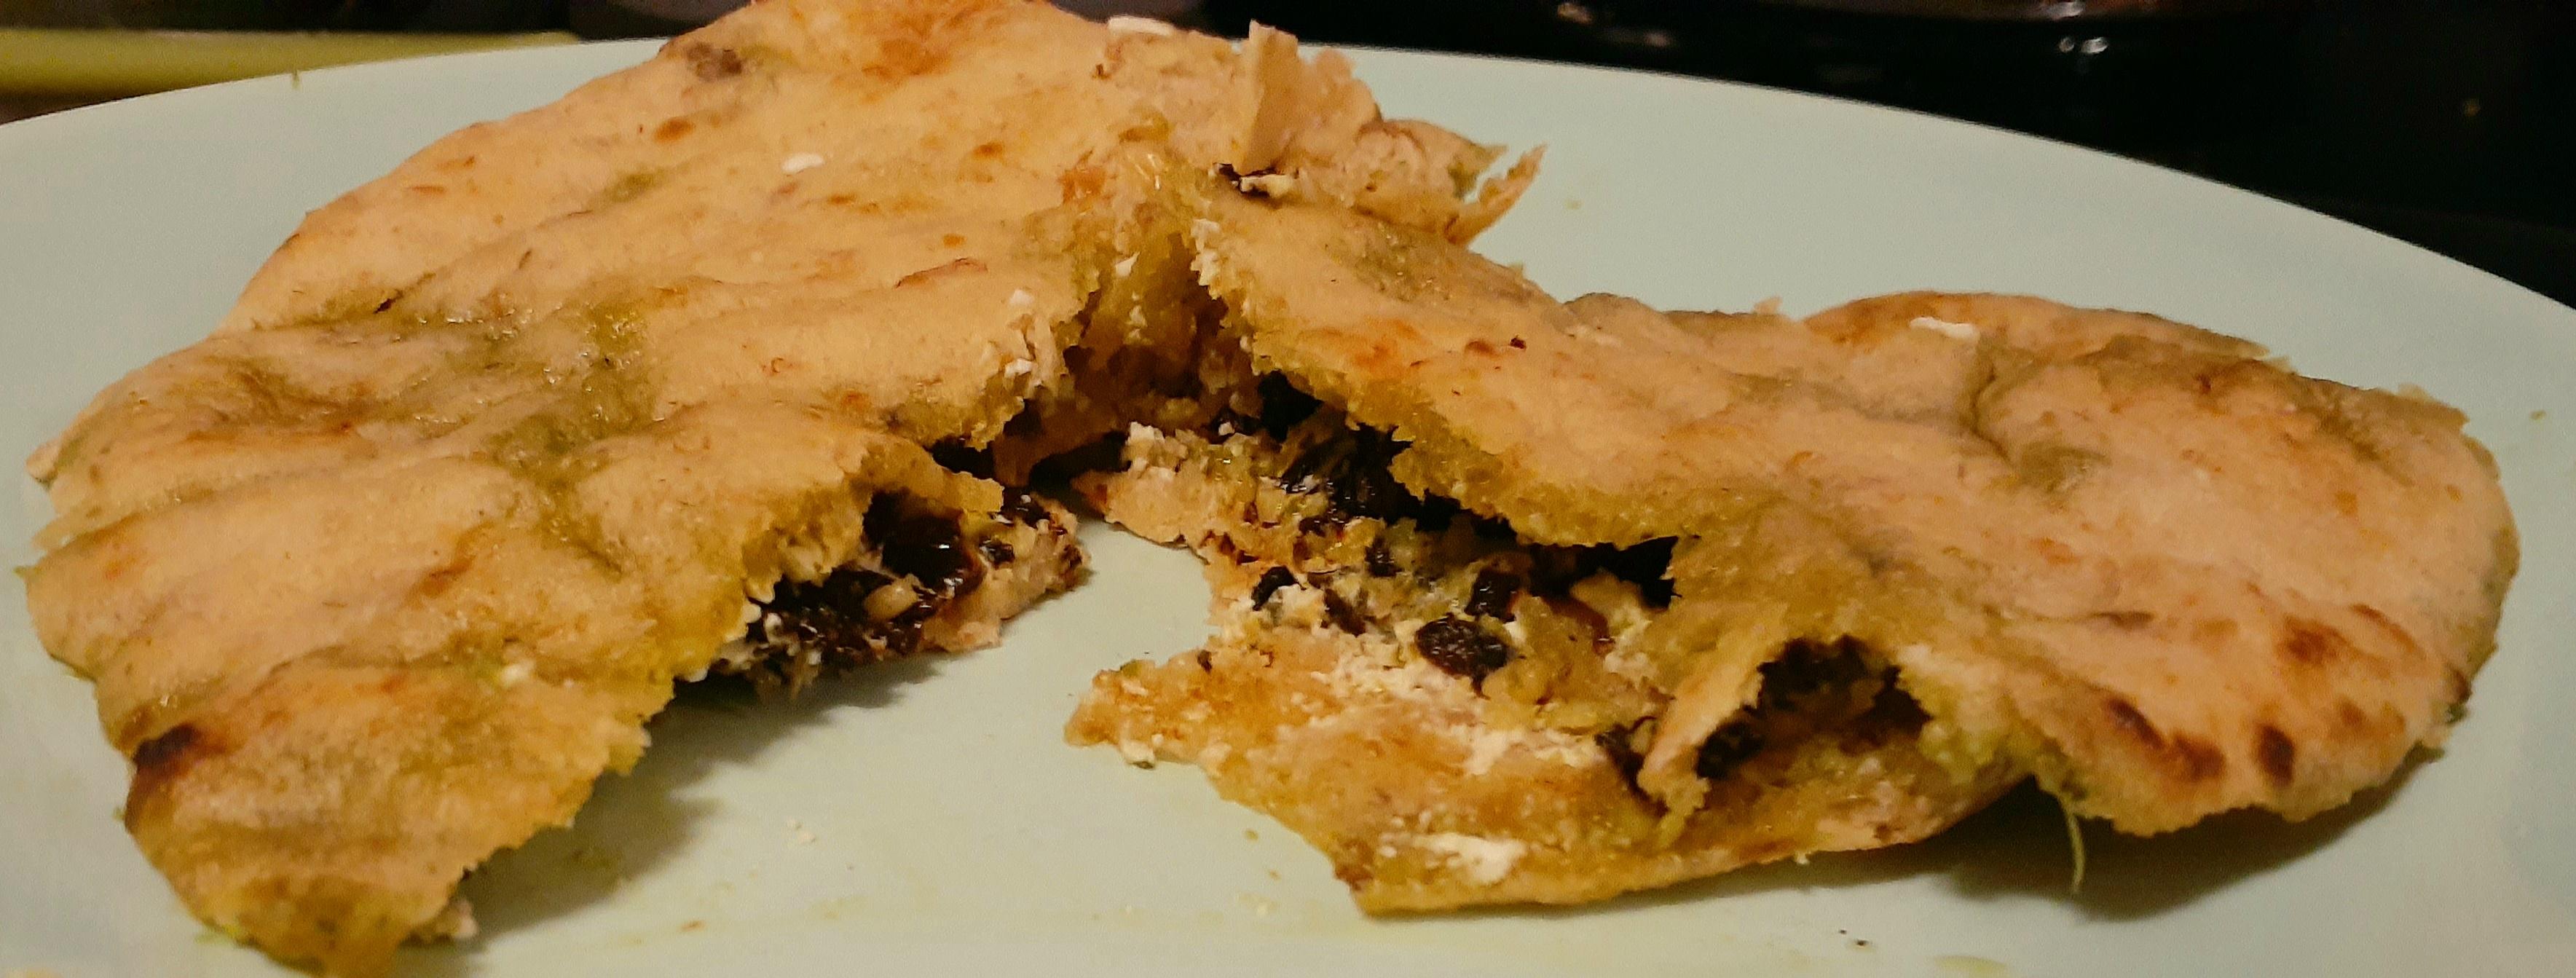 Warm Goat Cheese Sandwiches Elizabeth Currier